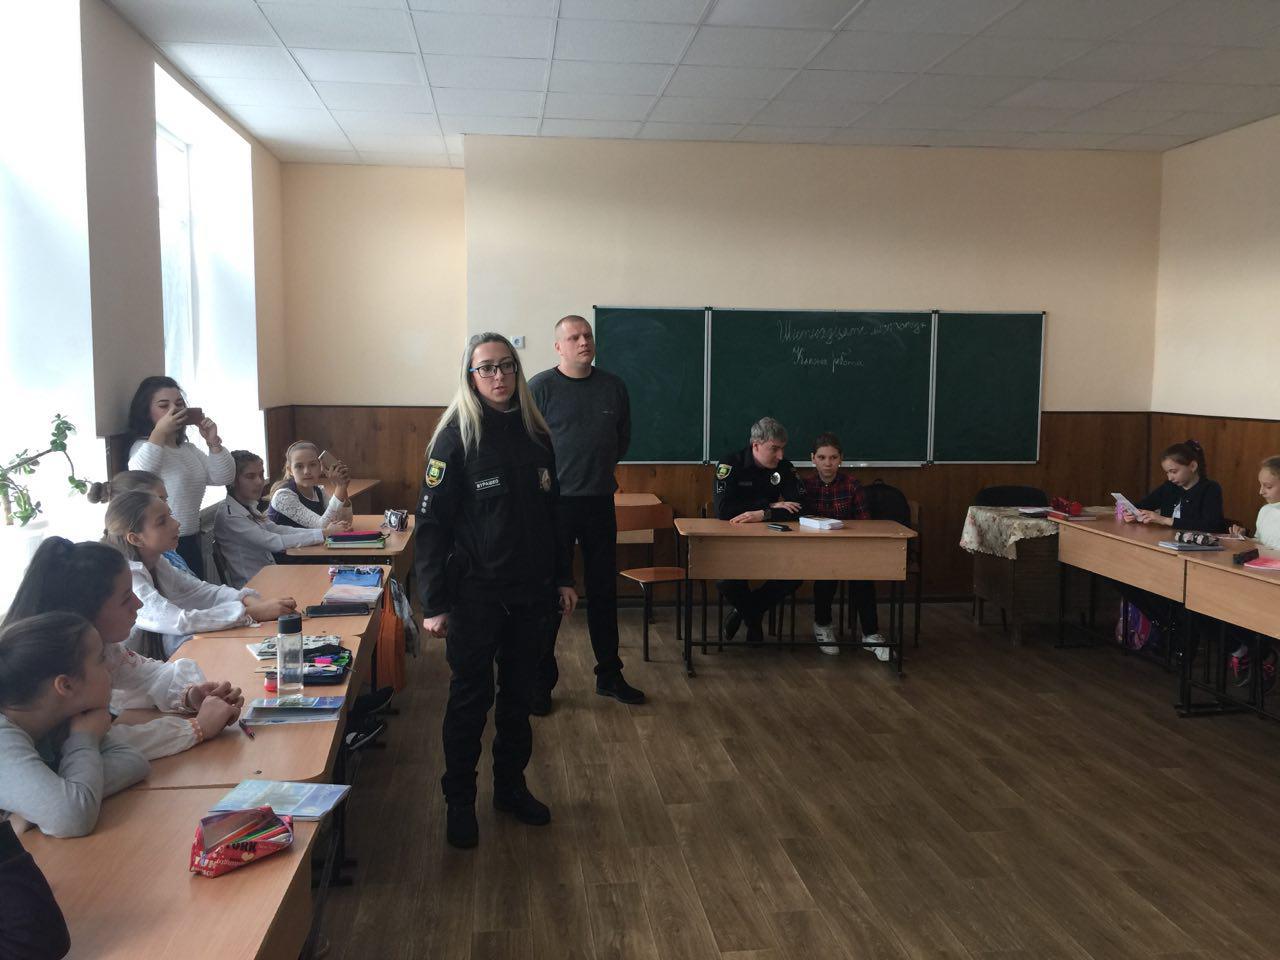 Керівництво Добропільського відділення поліції провело урок безпеки для місцевих учнів, фото-2